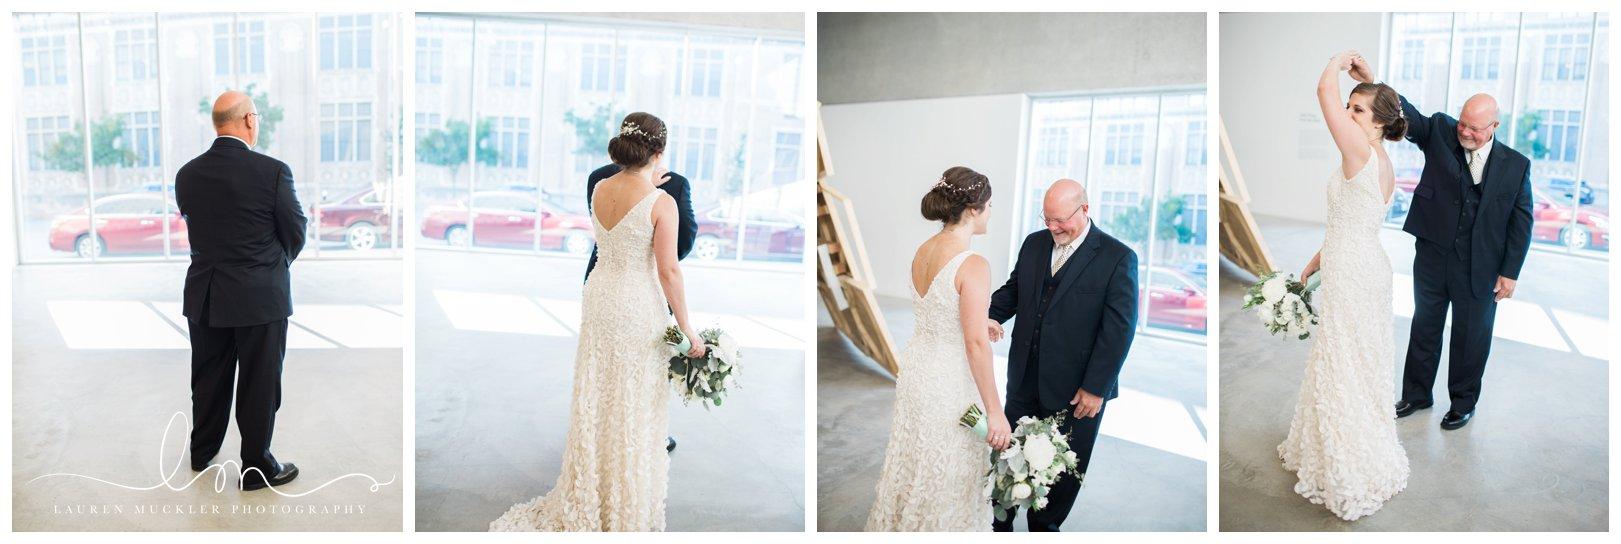 lauren muckler photography_fine art film wedding photography_st louis_photography_0561.jpg